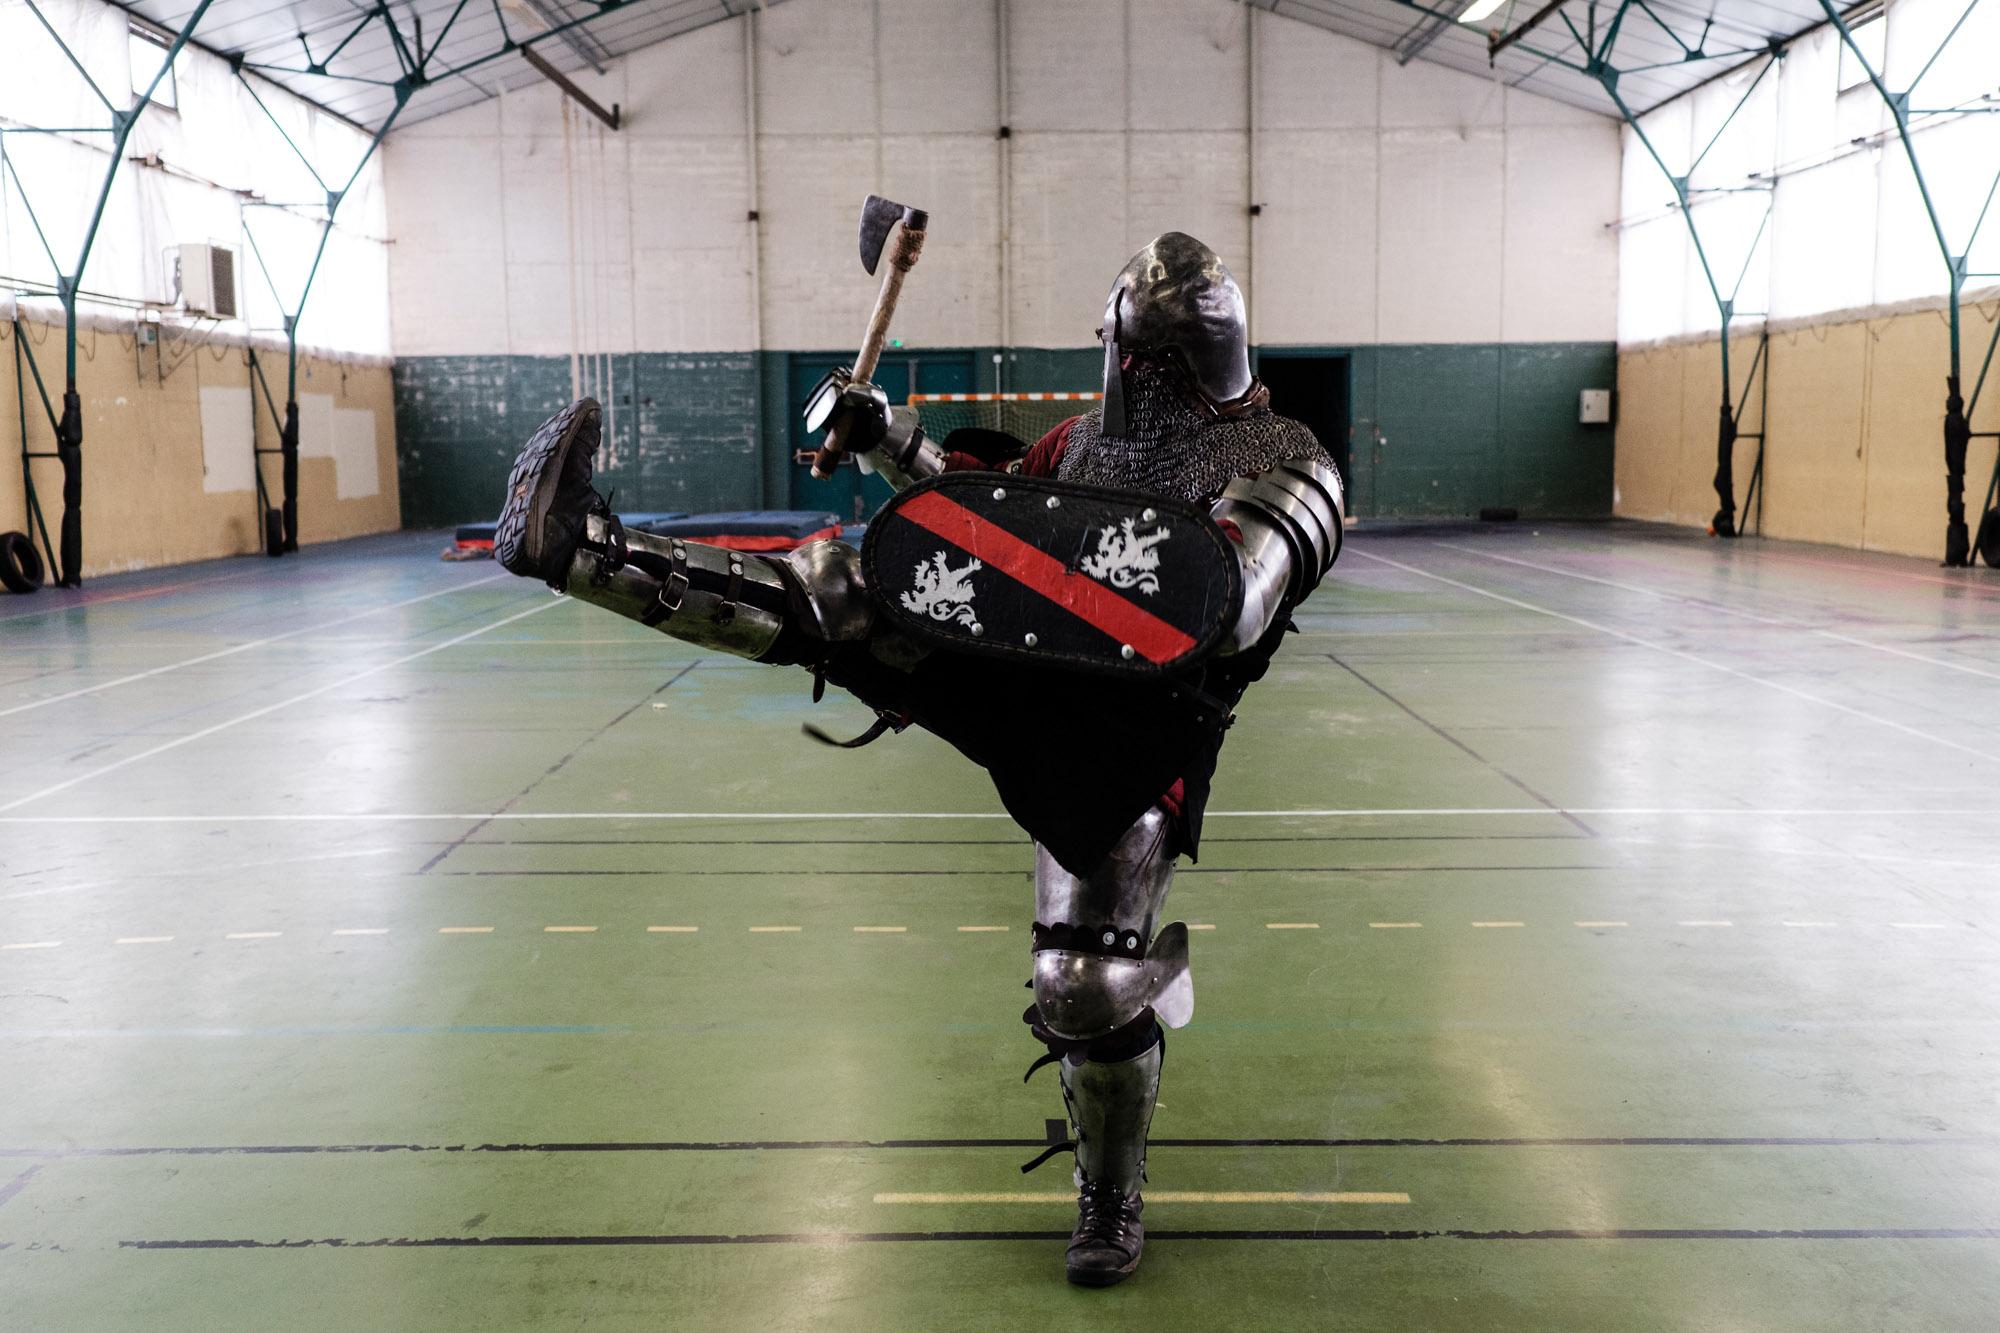 Un combattant de l'equipe Exactor Mortis teste son armure avant un entrainement. Ferté Milon (Aisne).